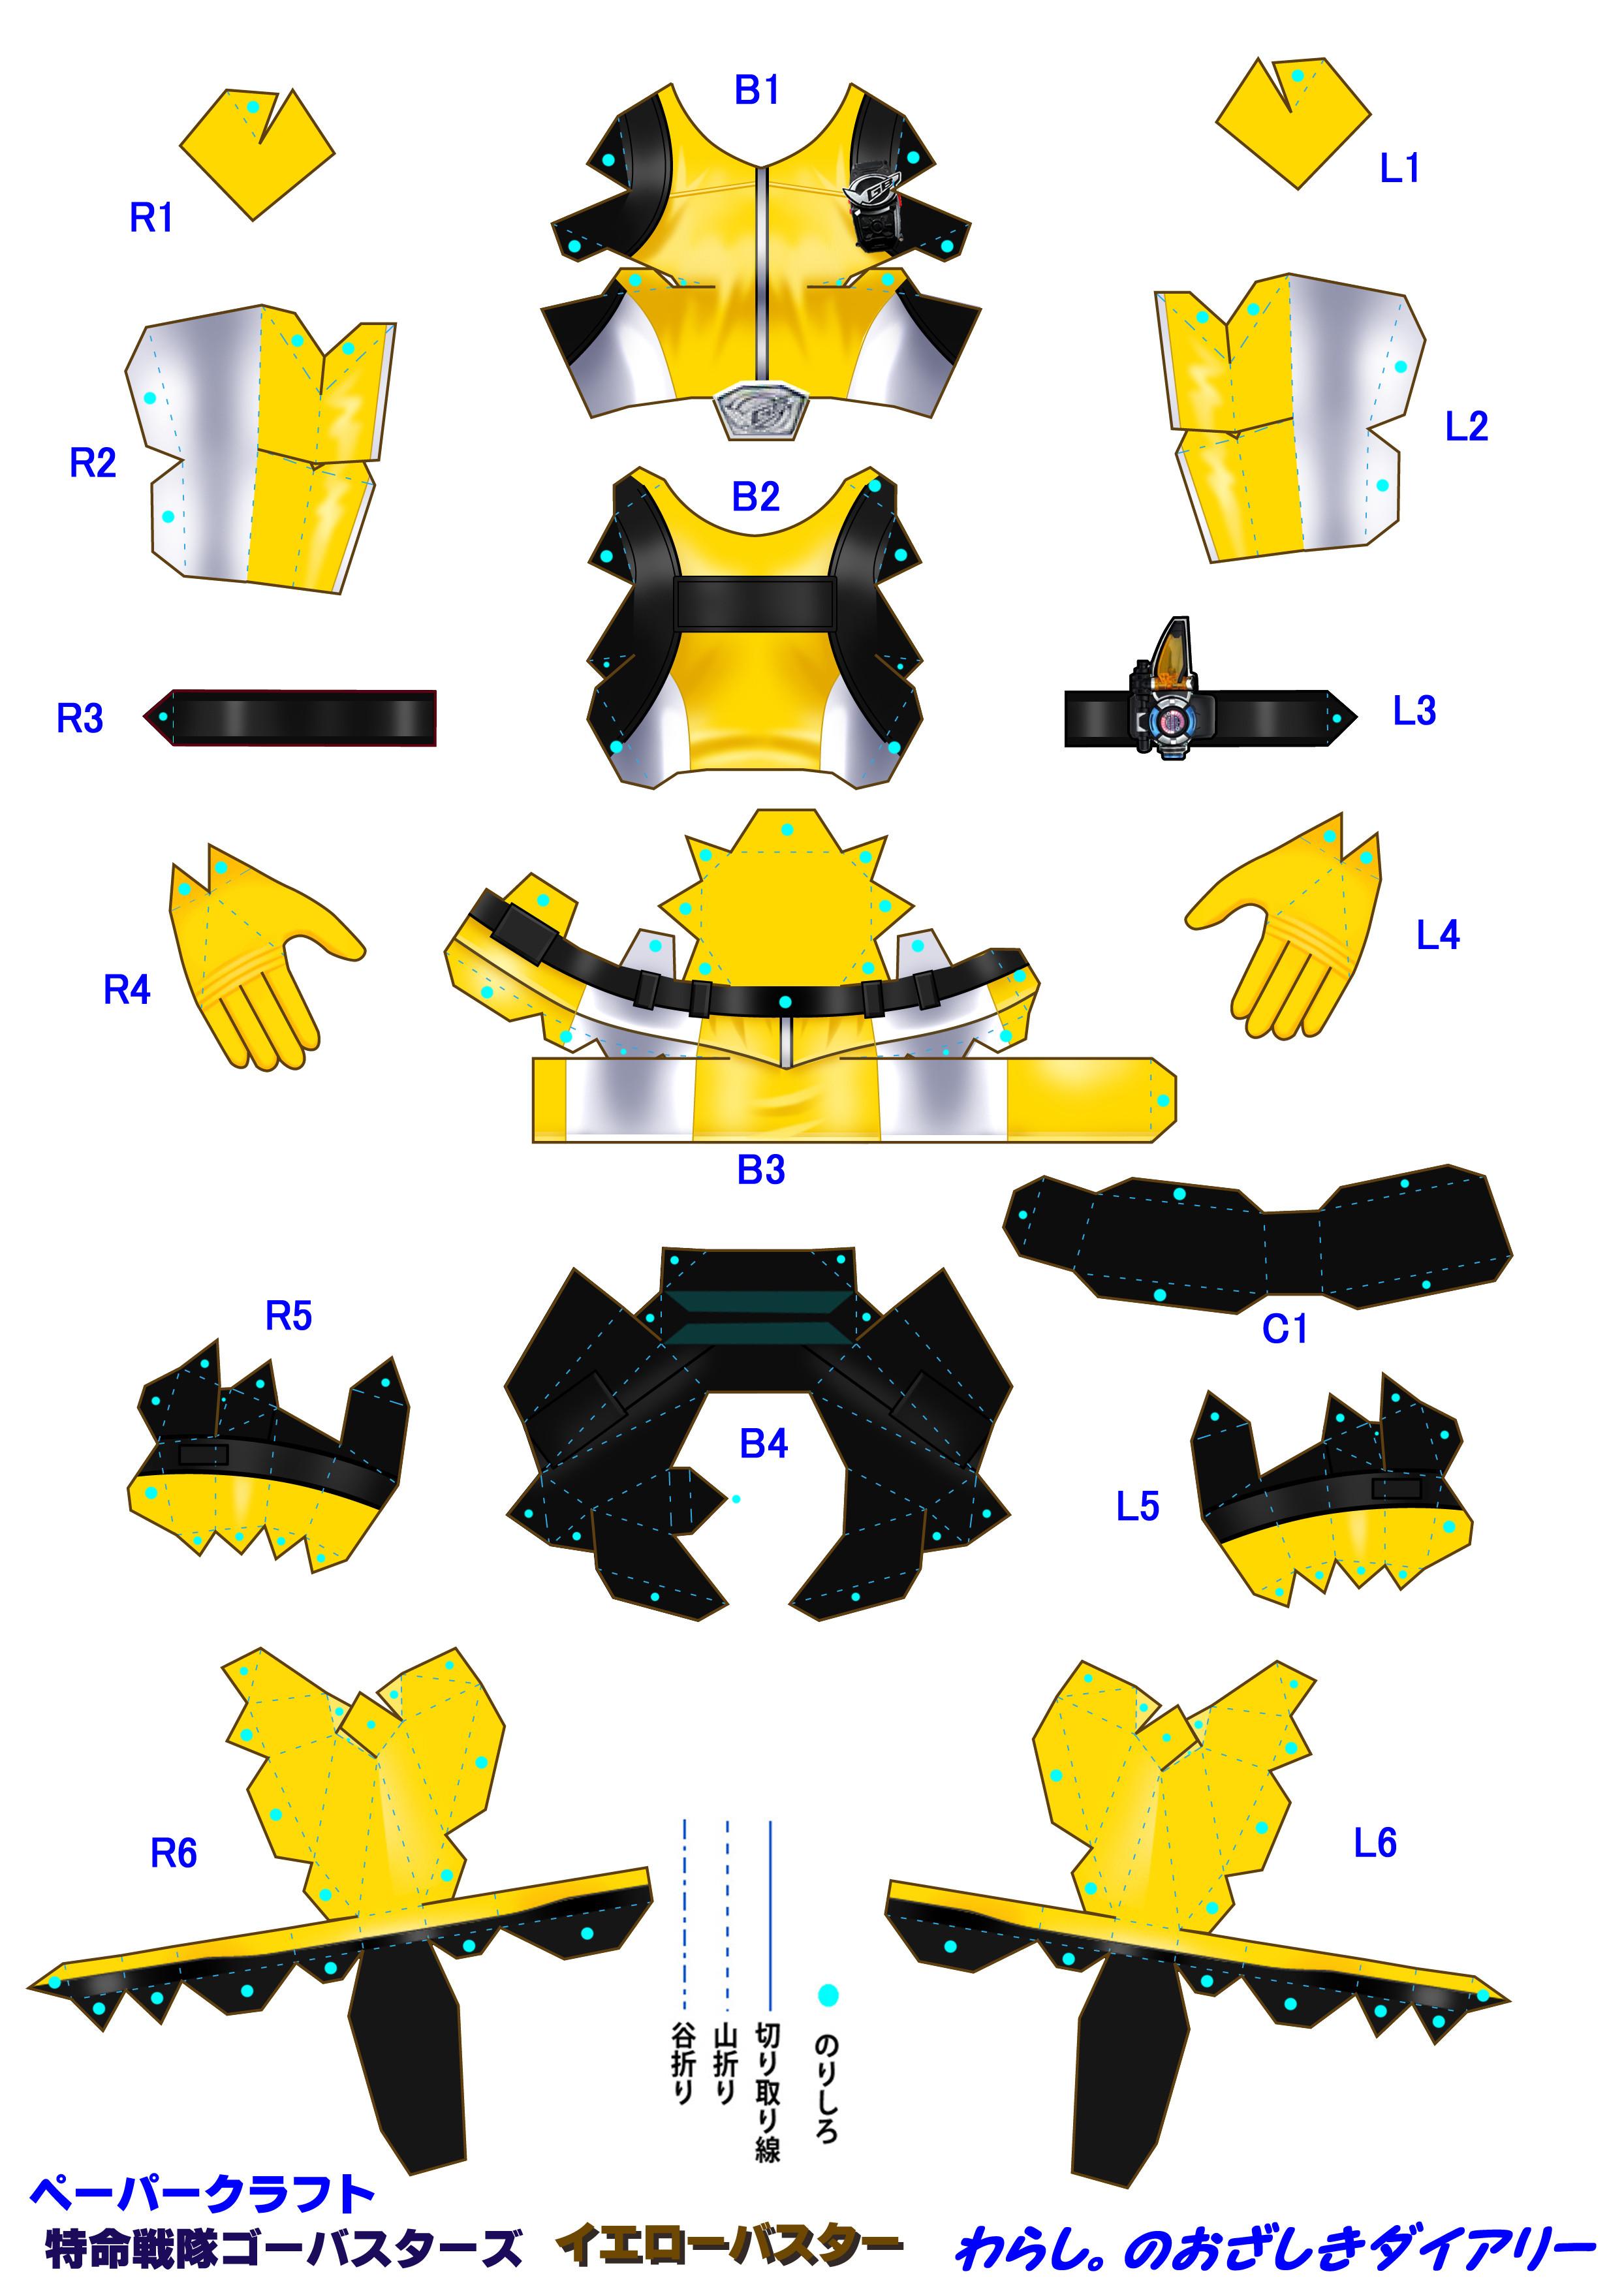 f:id:ozasikiwarasi:20120615012129j:image:w200